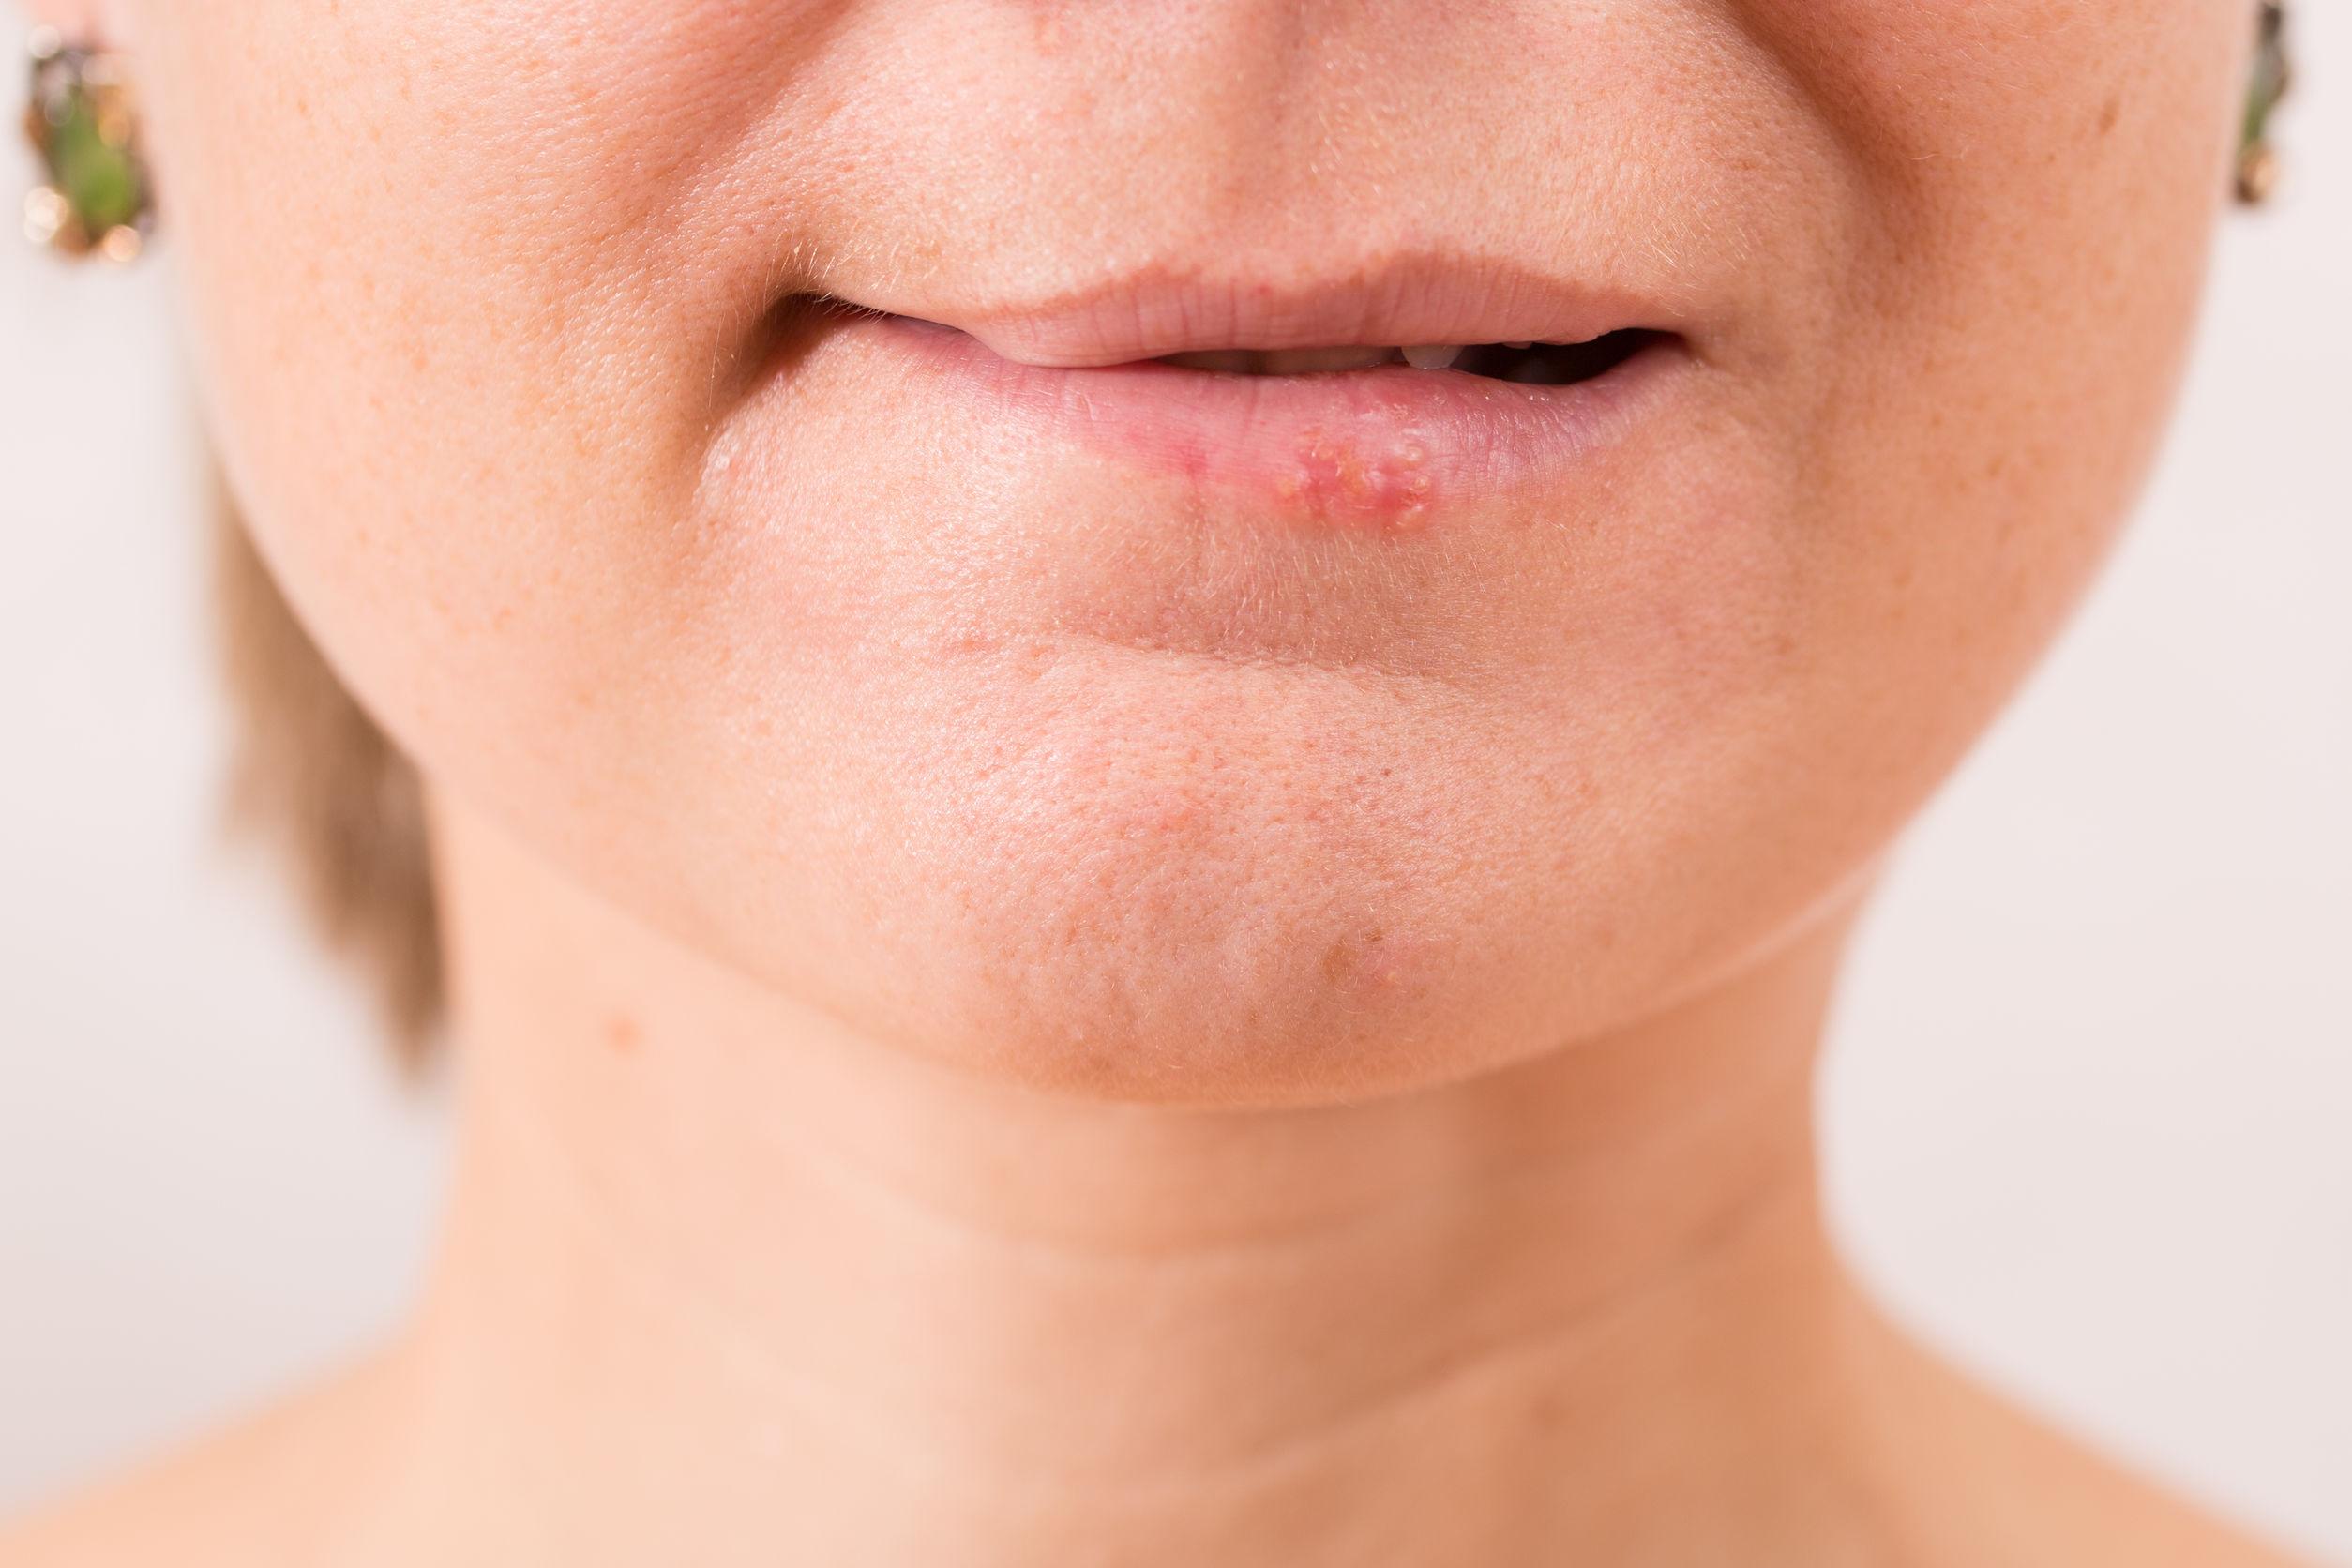 Genitalis sauna herpes ansteckung Herpes Genitalis